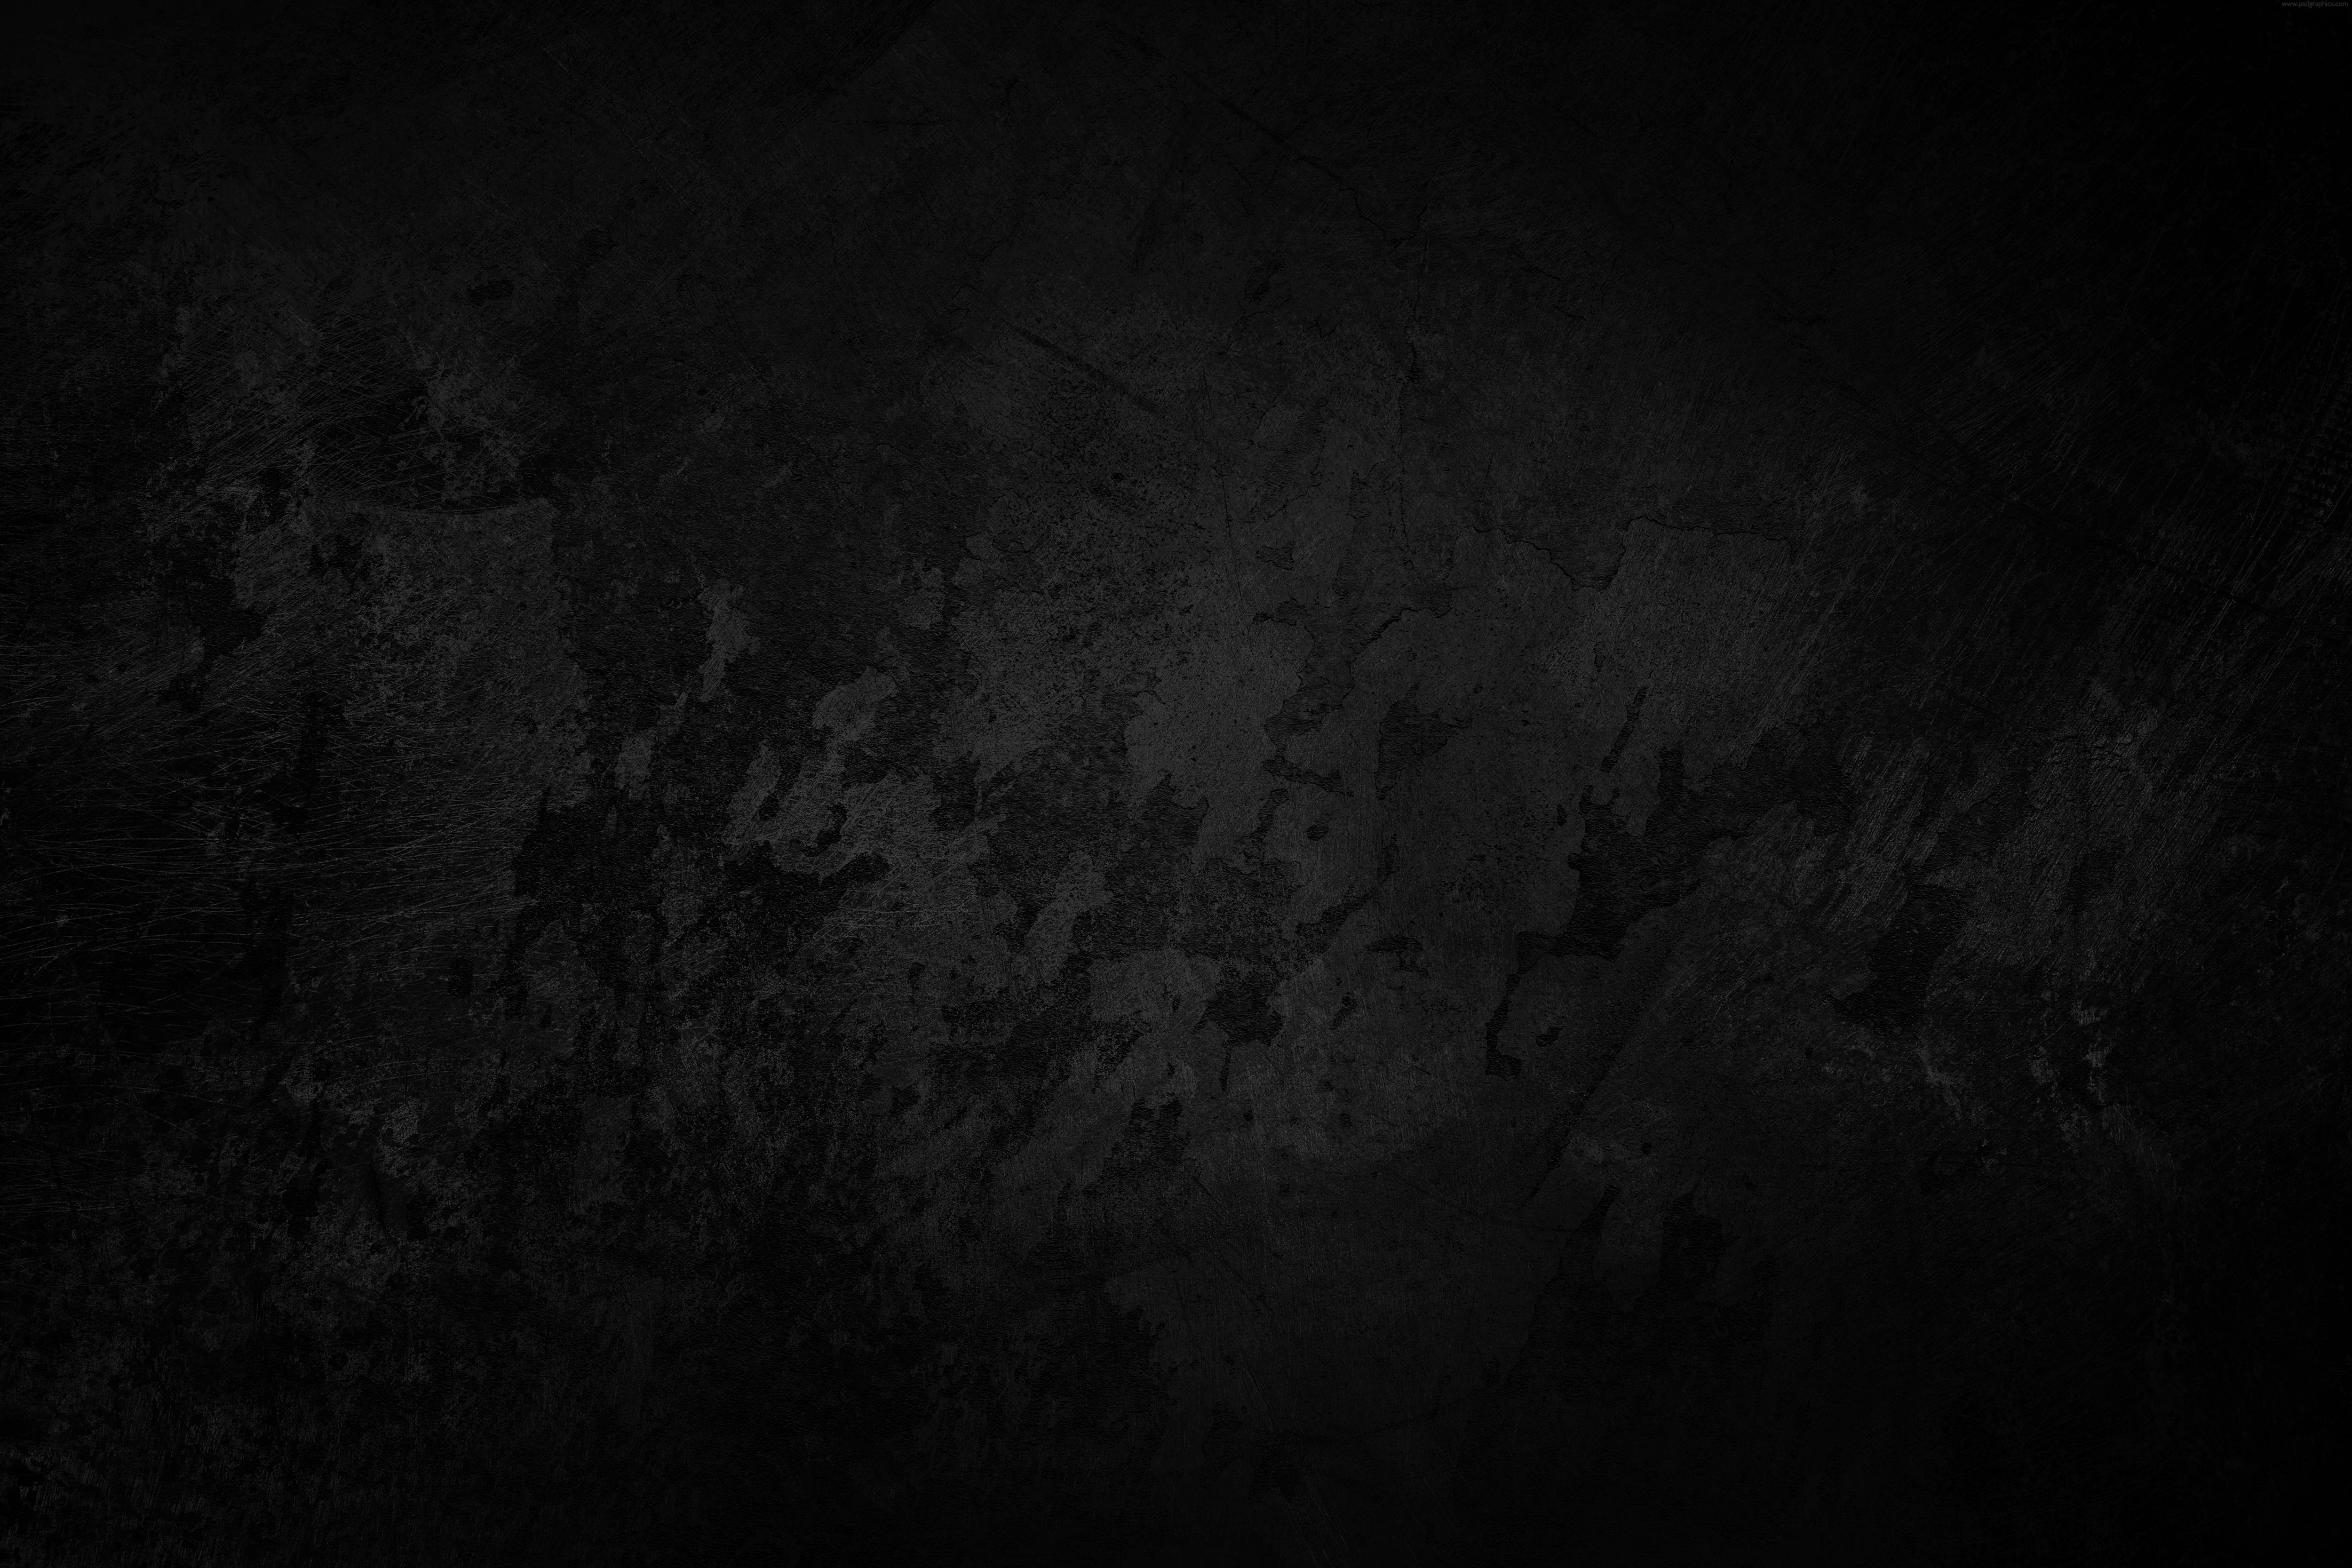 Black concrete texture   PSDGraphics